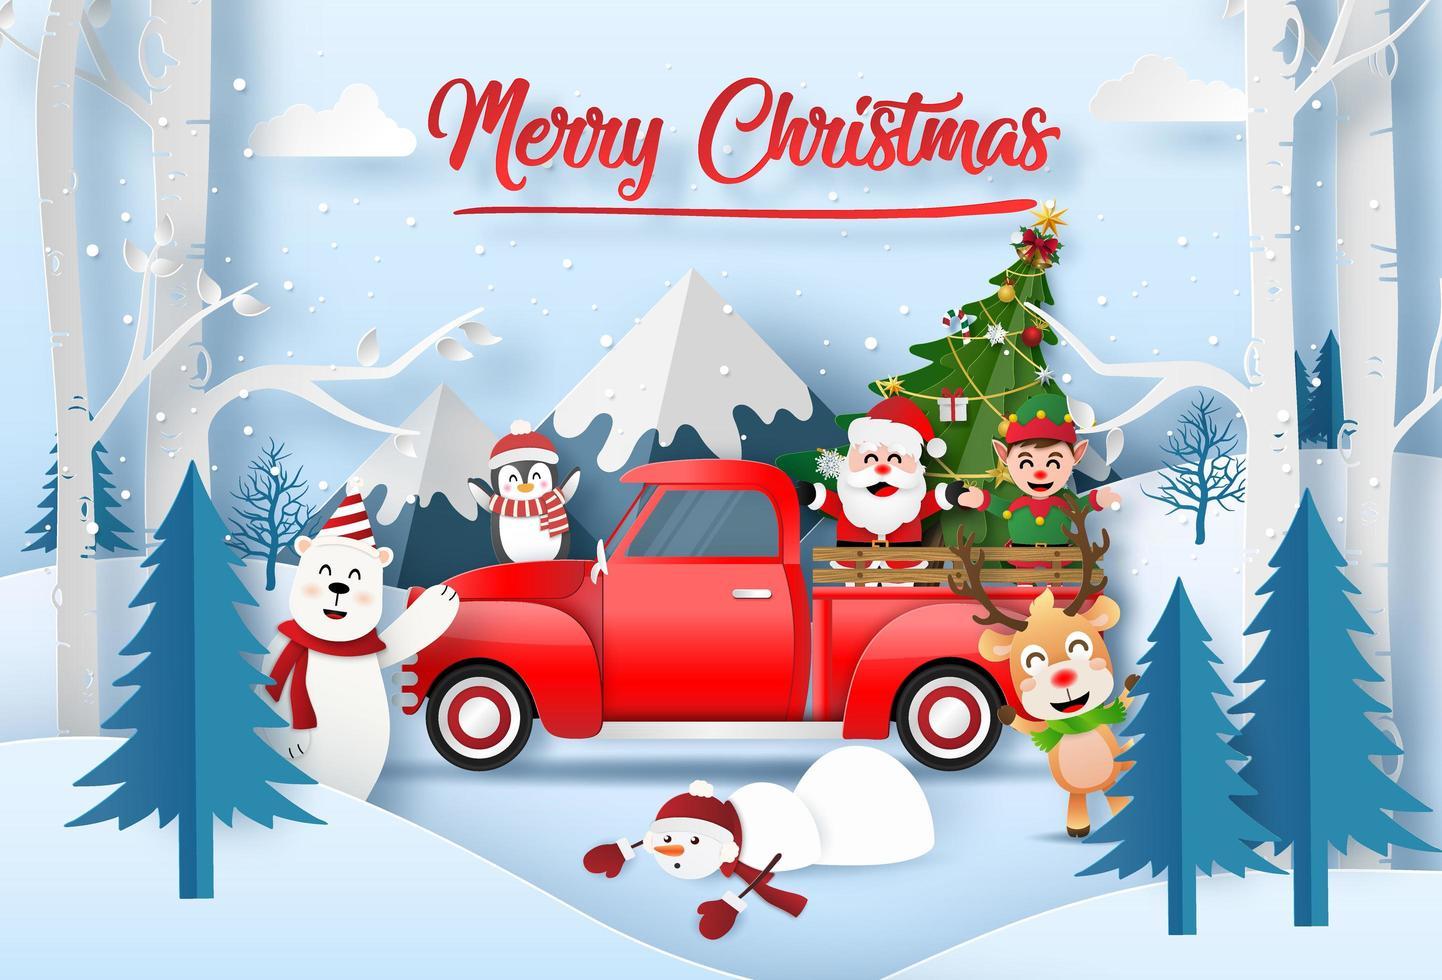 origami papper konst av jultomten med vän firar till jul på berget med röd lastbil vektor